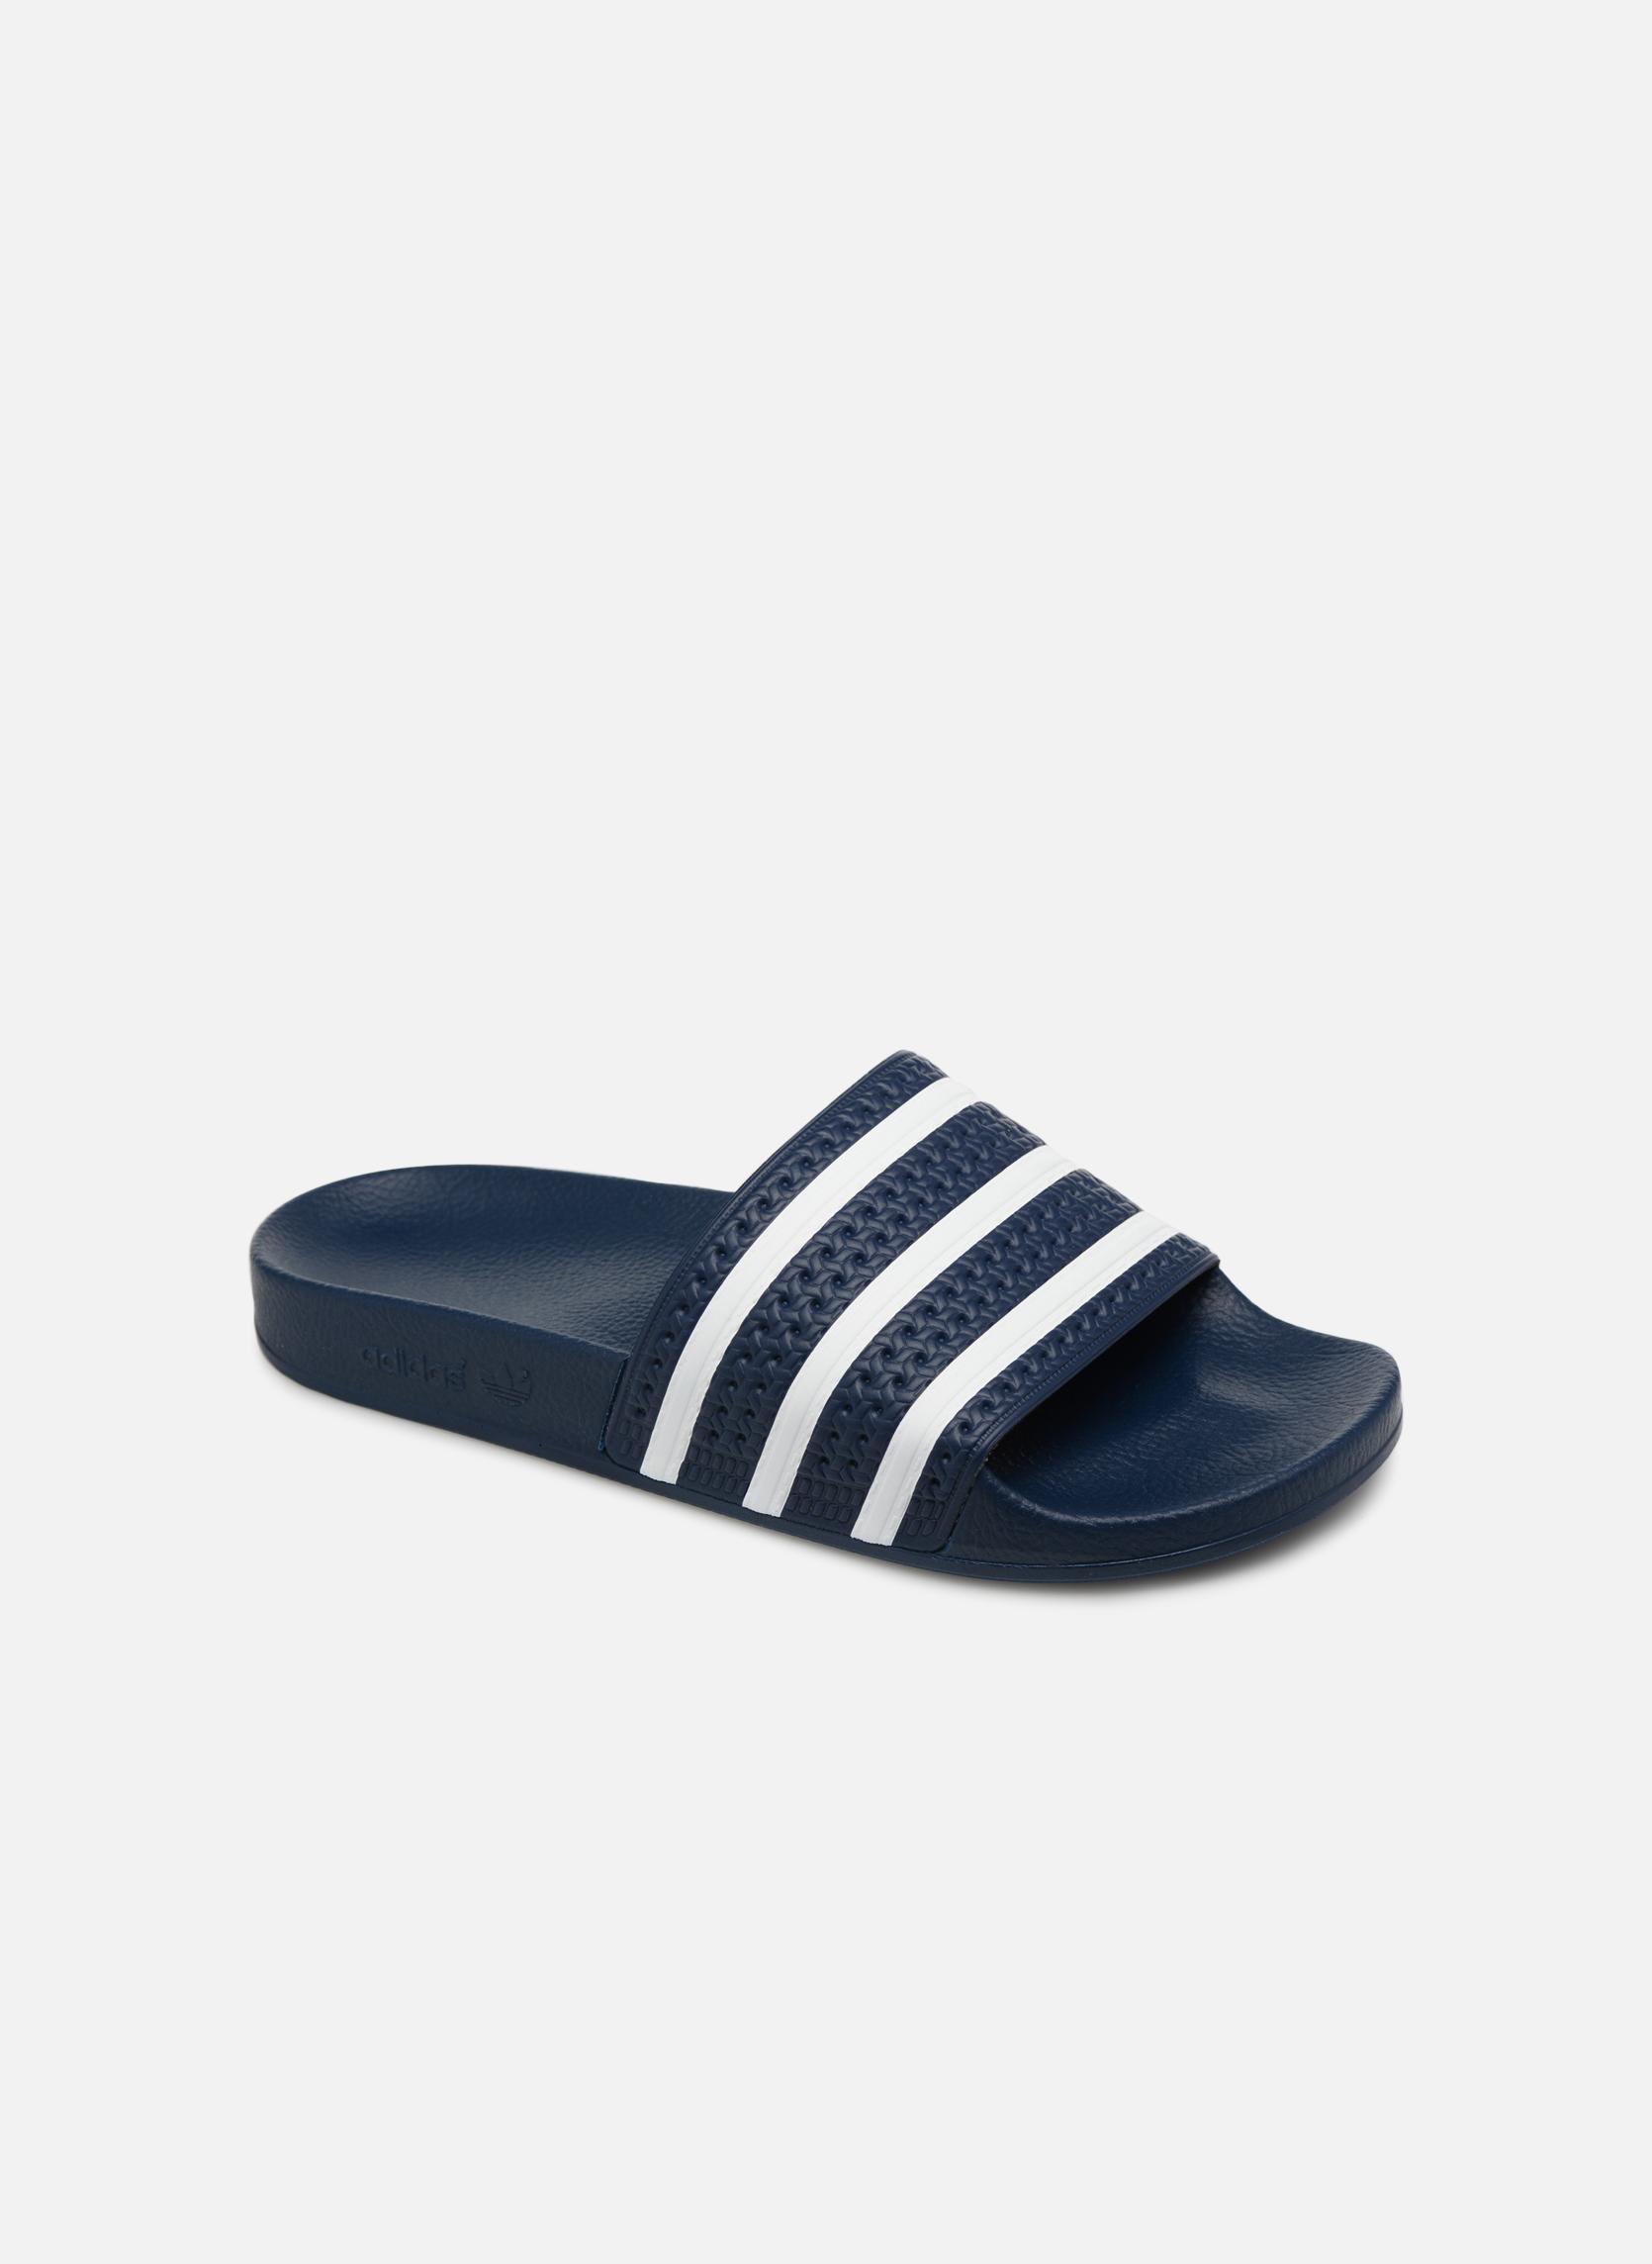 Sandales et nu-pieds Homme Adilette